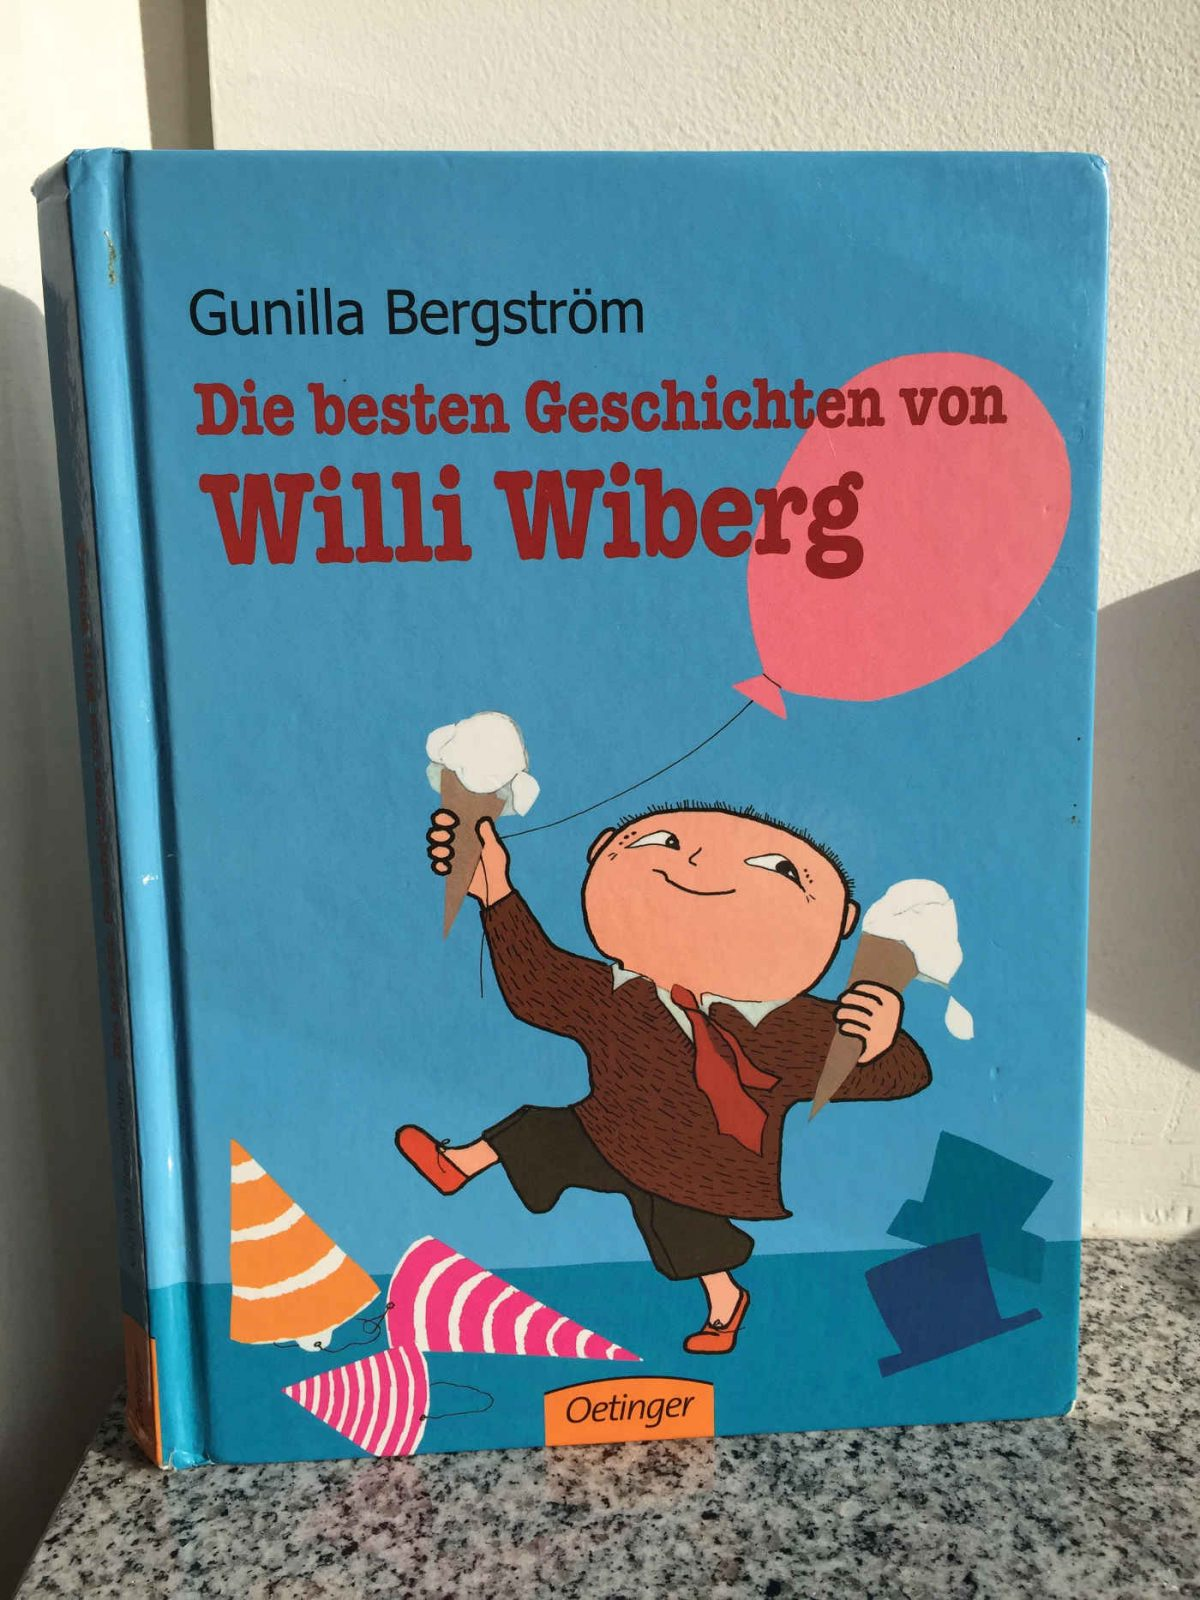 Gunilla Bergström: Die besten Geschichten von Willi Wiberg